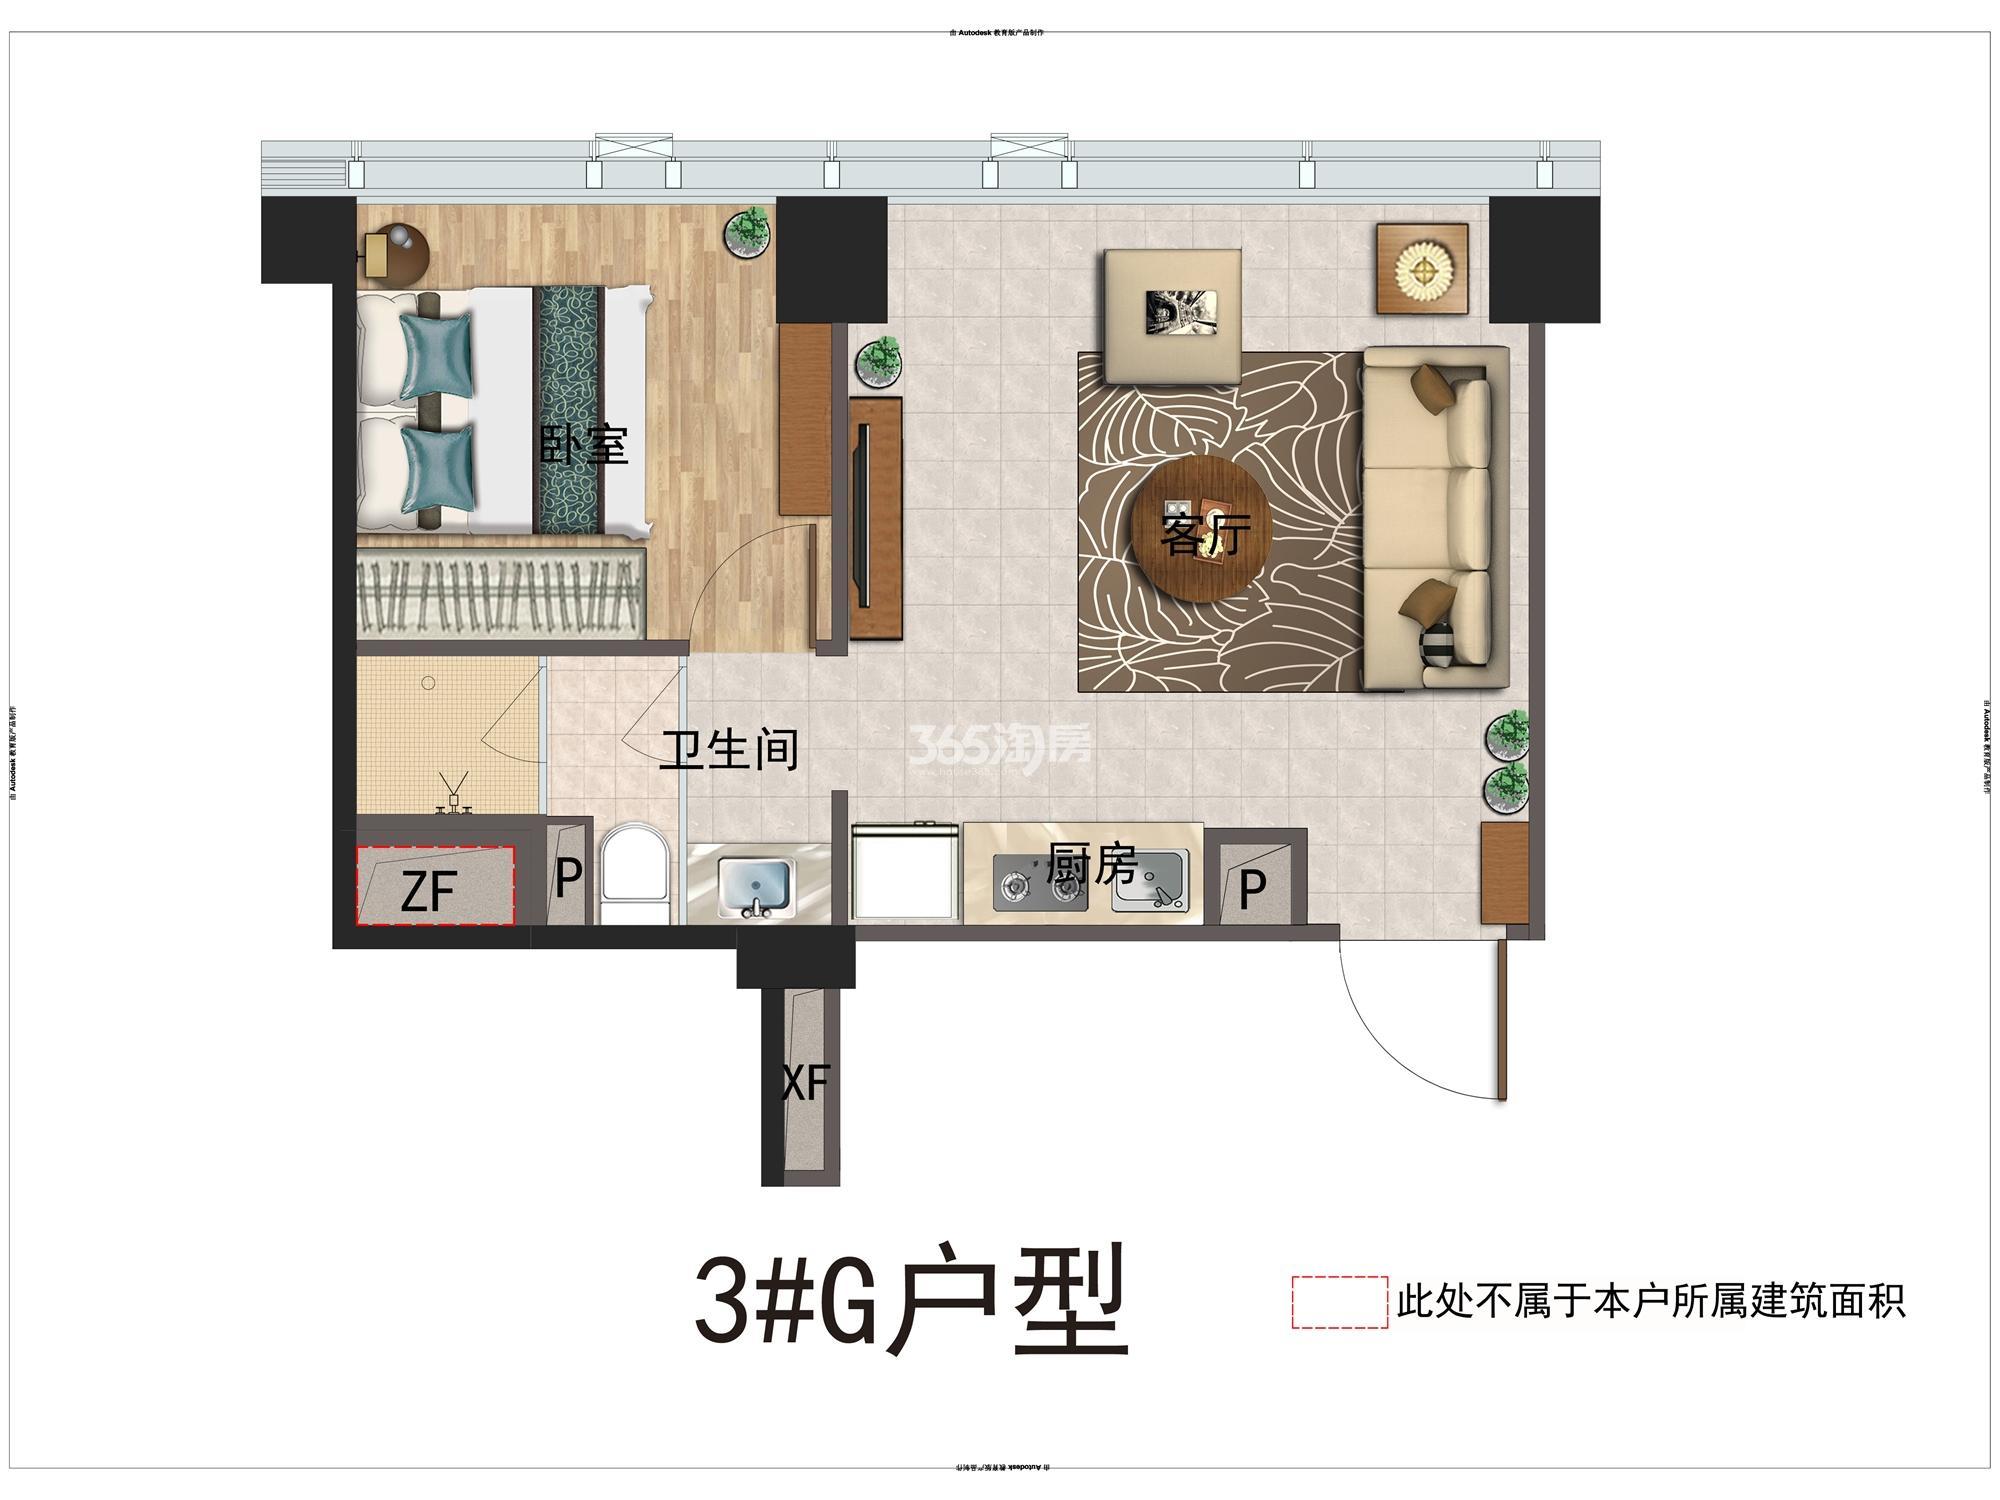 碧桂园深蓝国际G户型53方(3#)